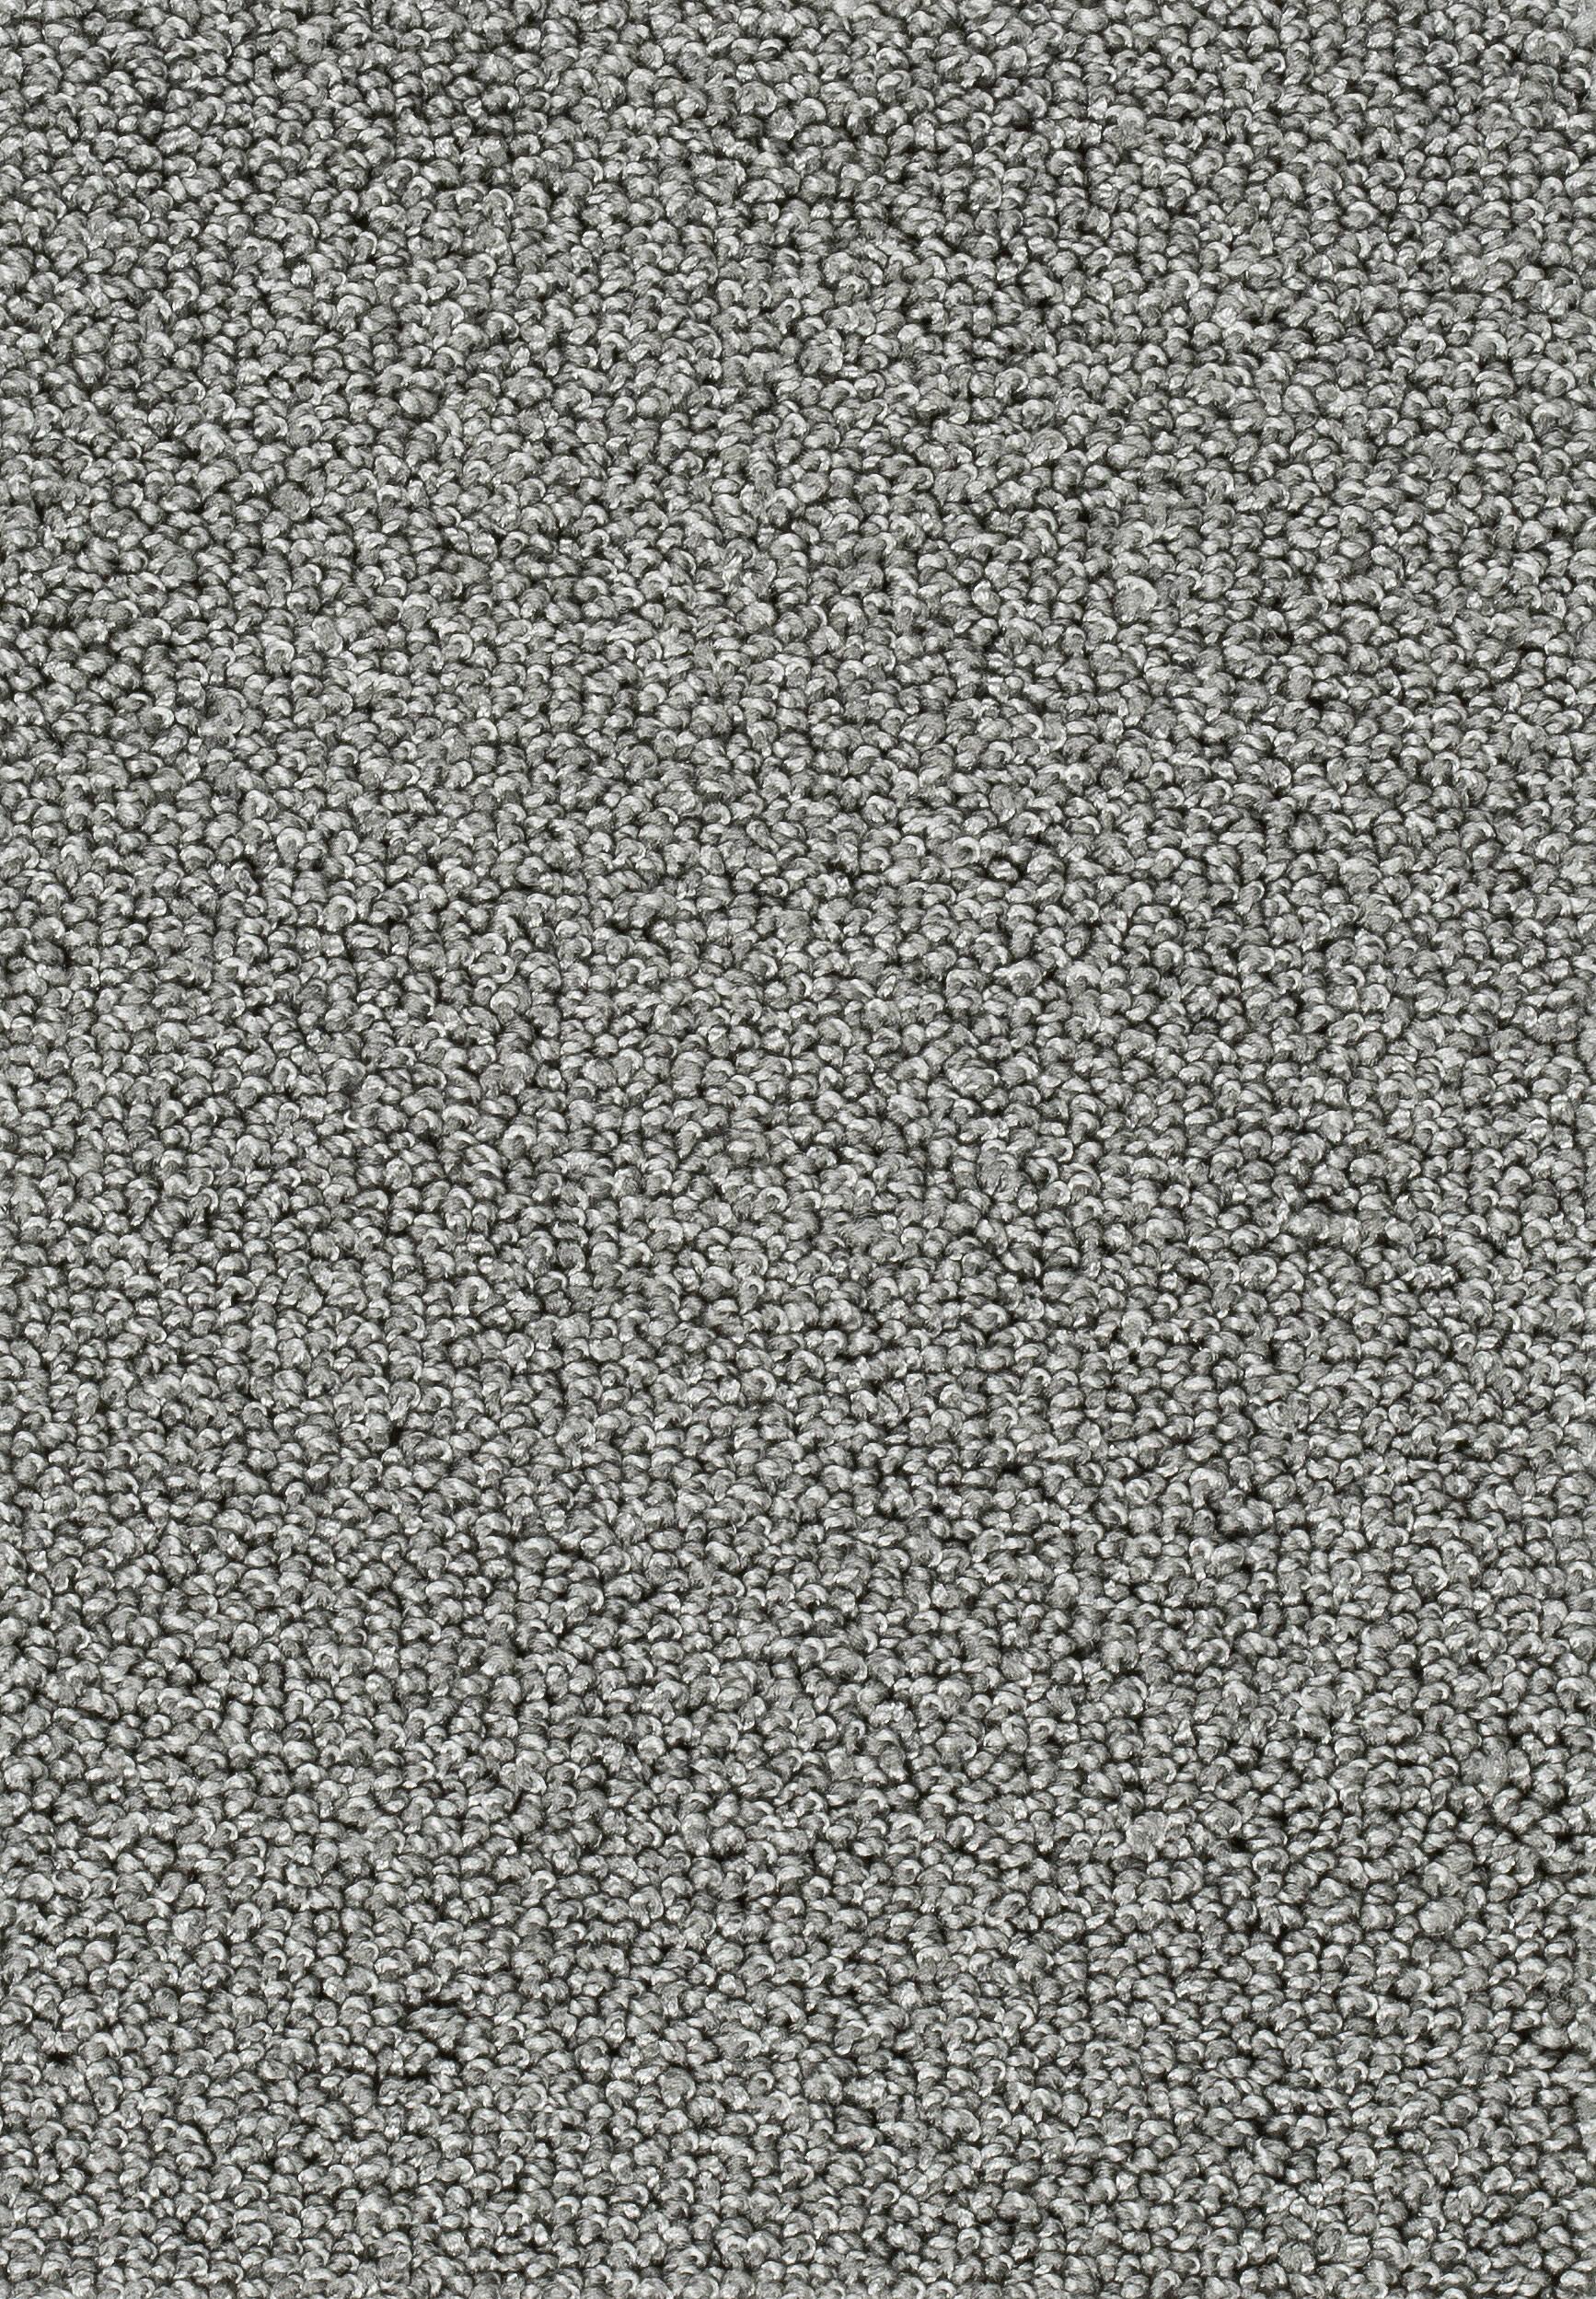 Teppichboden AMBRA 95 400cm breit